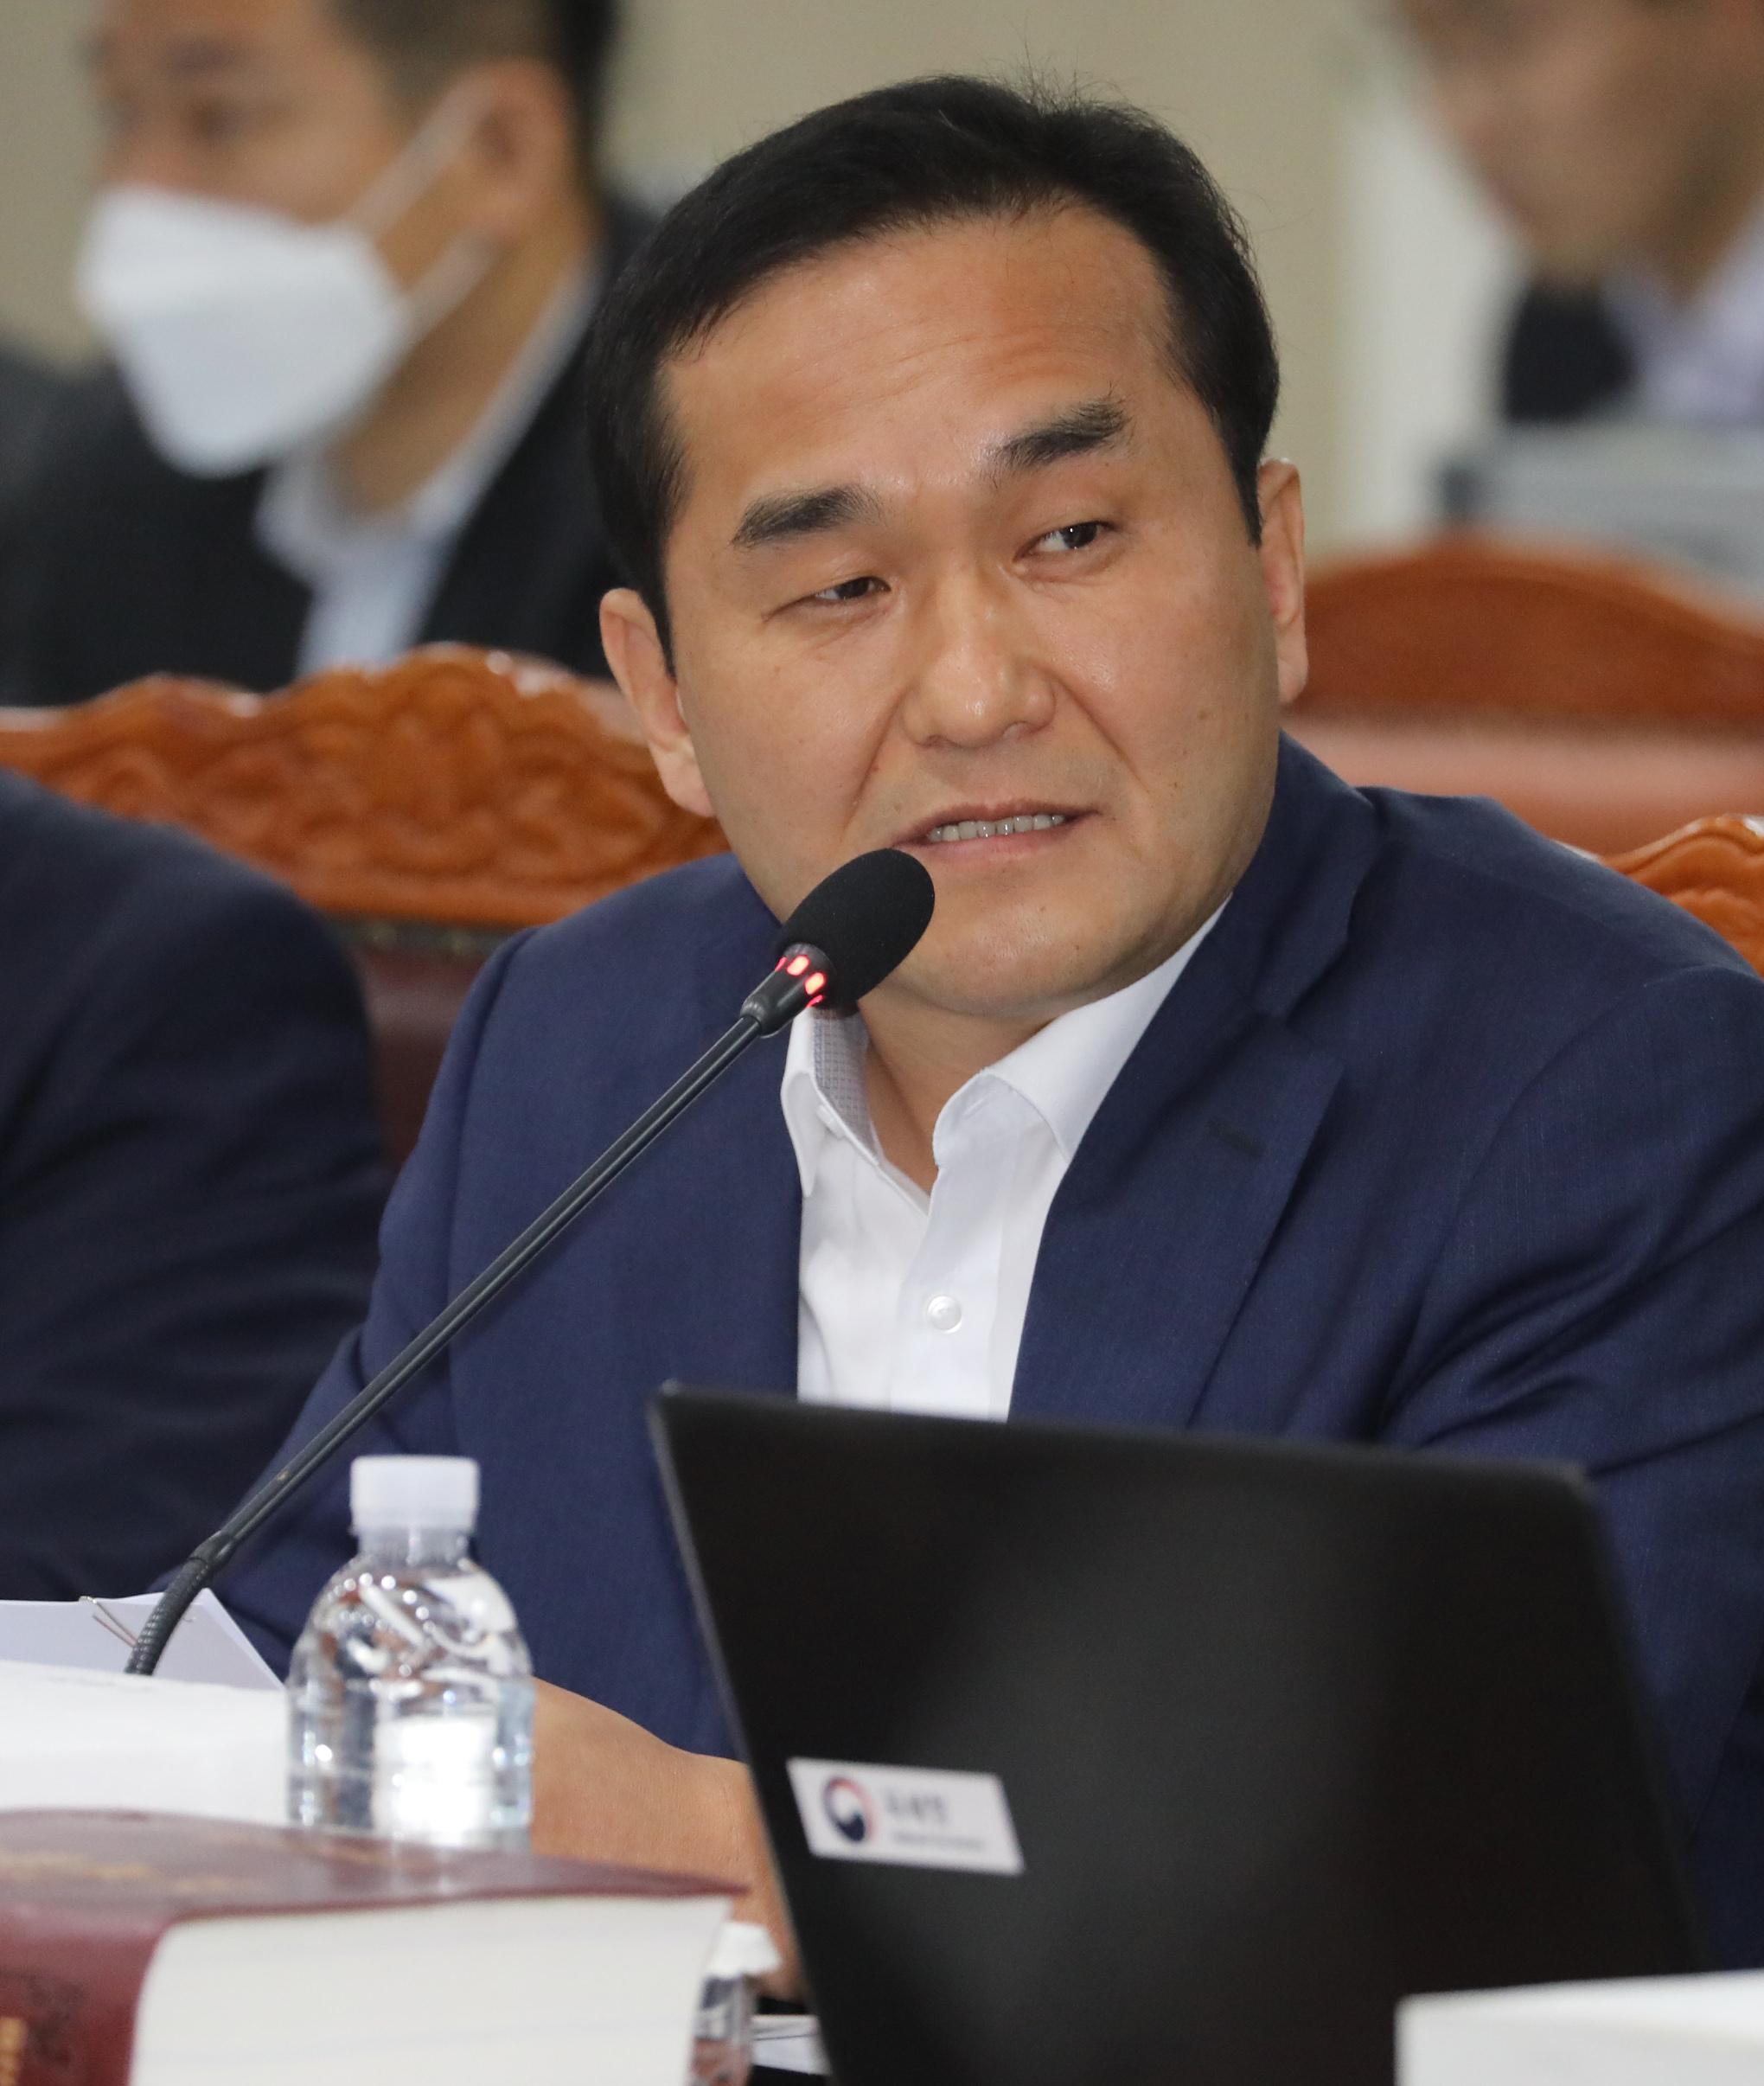 엄용수 자유한국당 의원이 지난달 10일 정부세종2청사 국세청에서 열린 국회 기획재정위원회의 국세청에 대한 국정감사에서 질의를 하고 있다. [뉴스1]